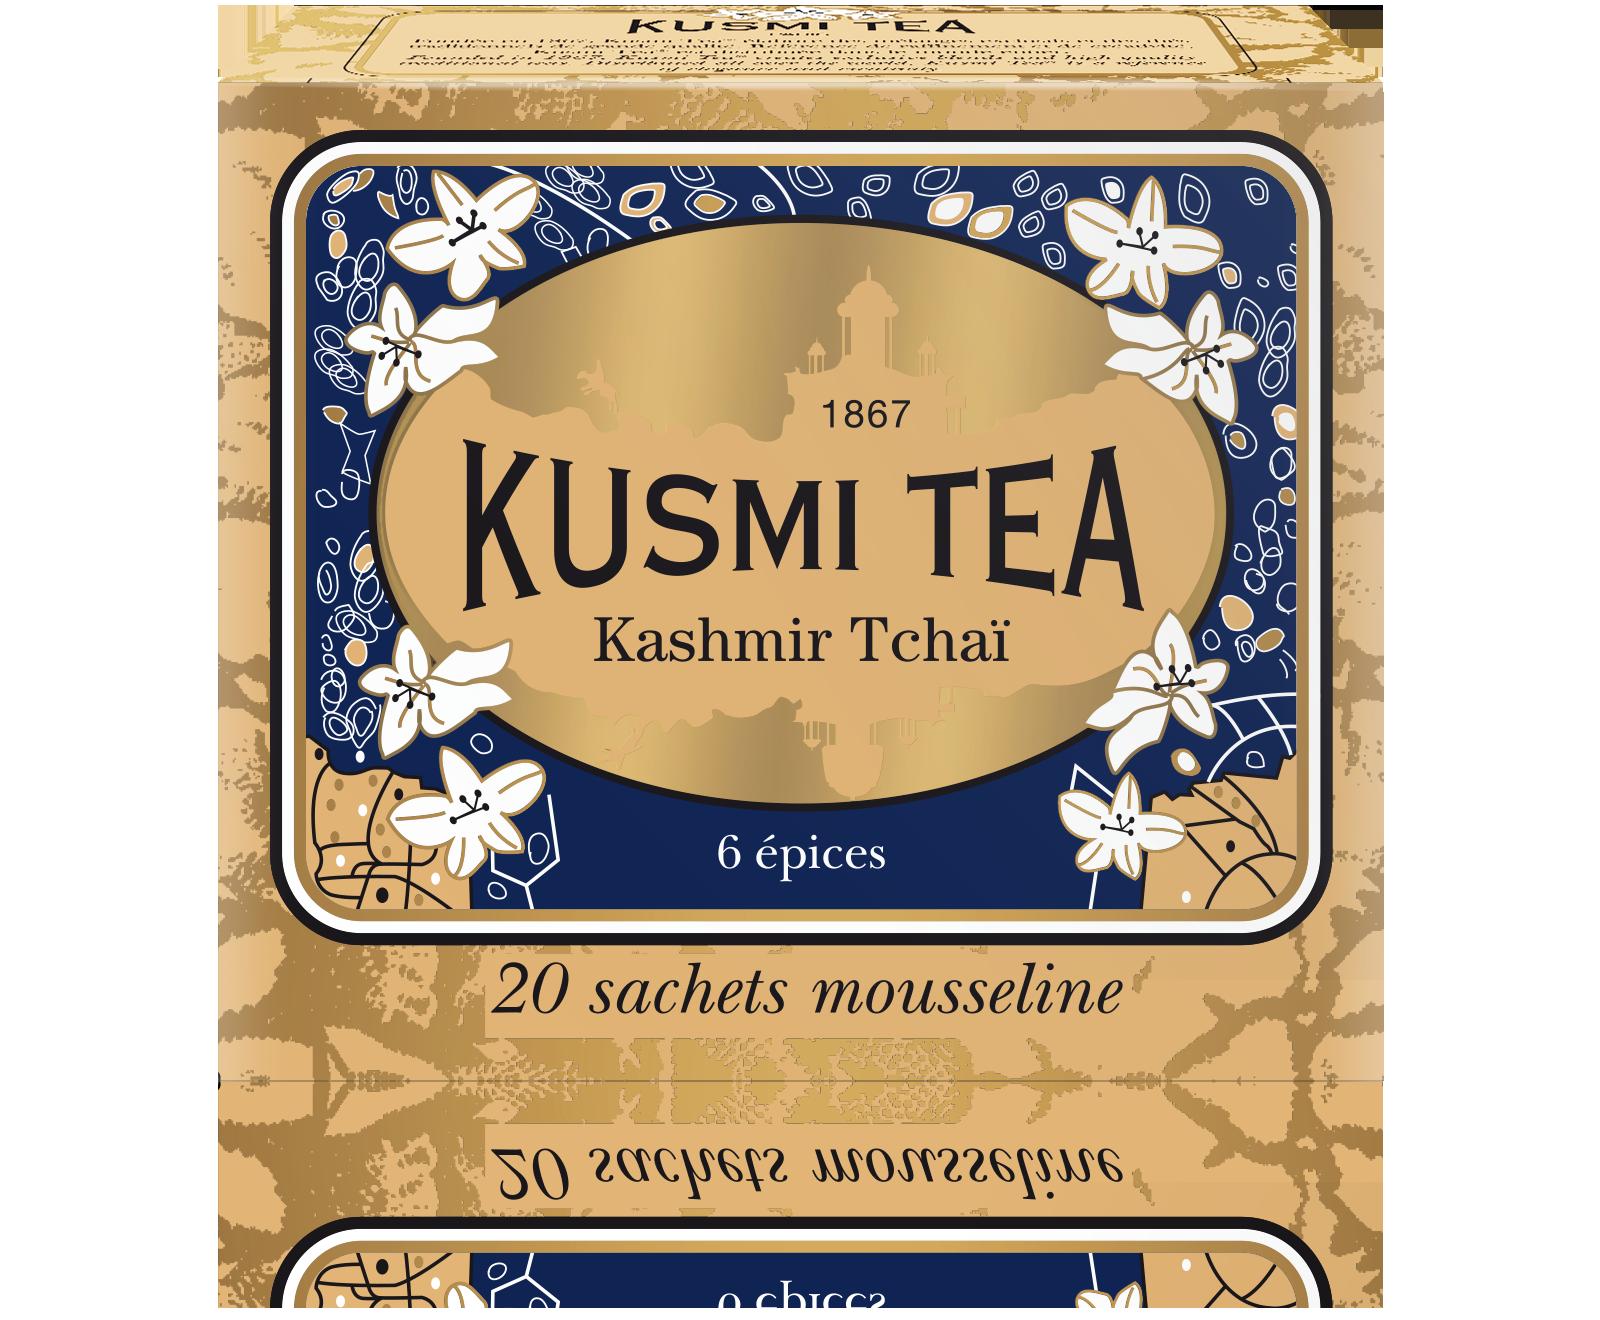 Kashmir Tchaï